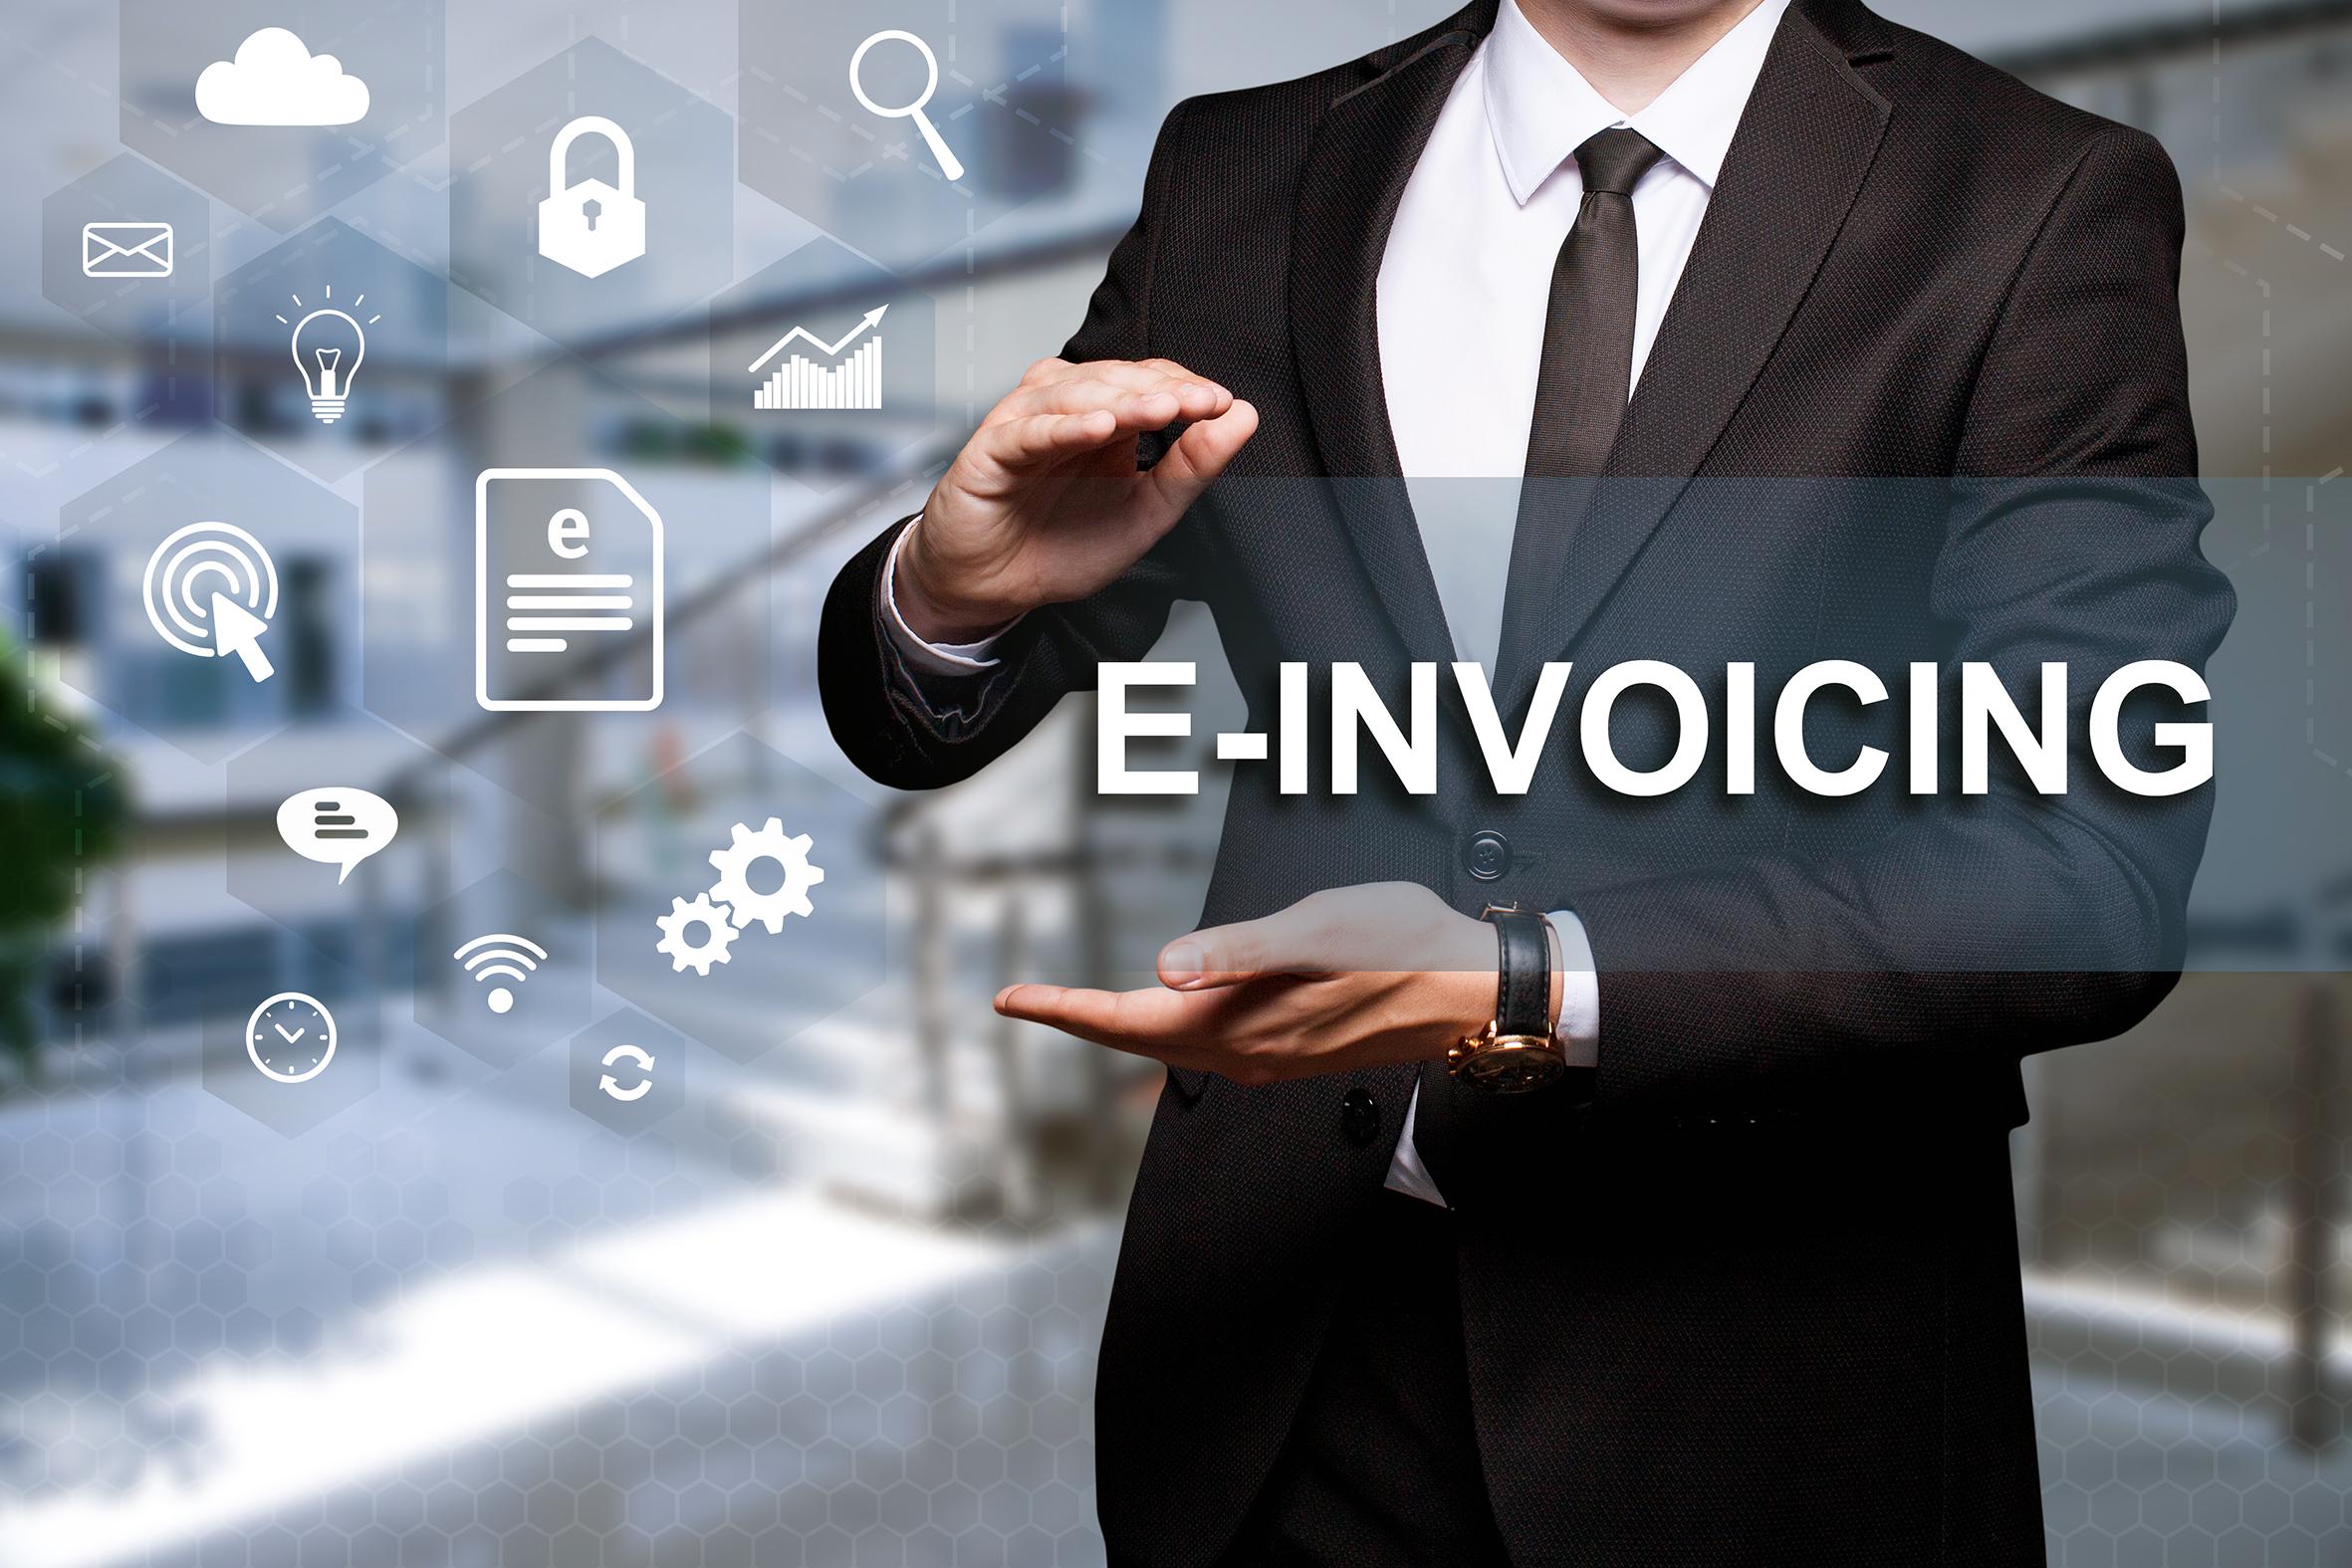 e-invoicing 20-8-2019 sm